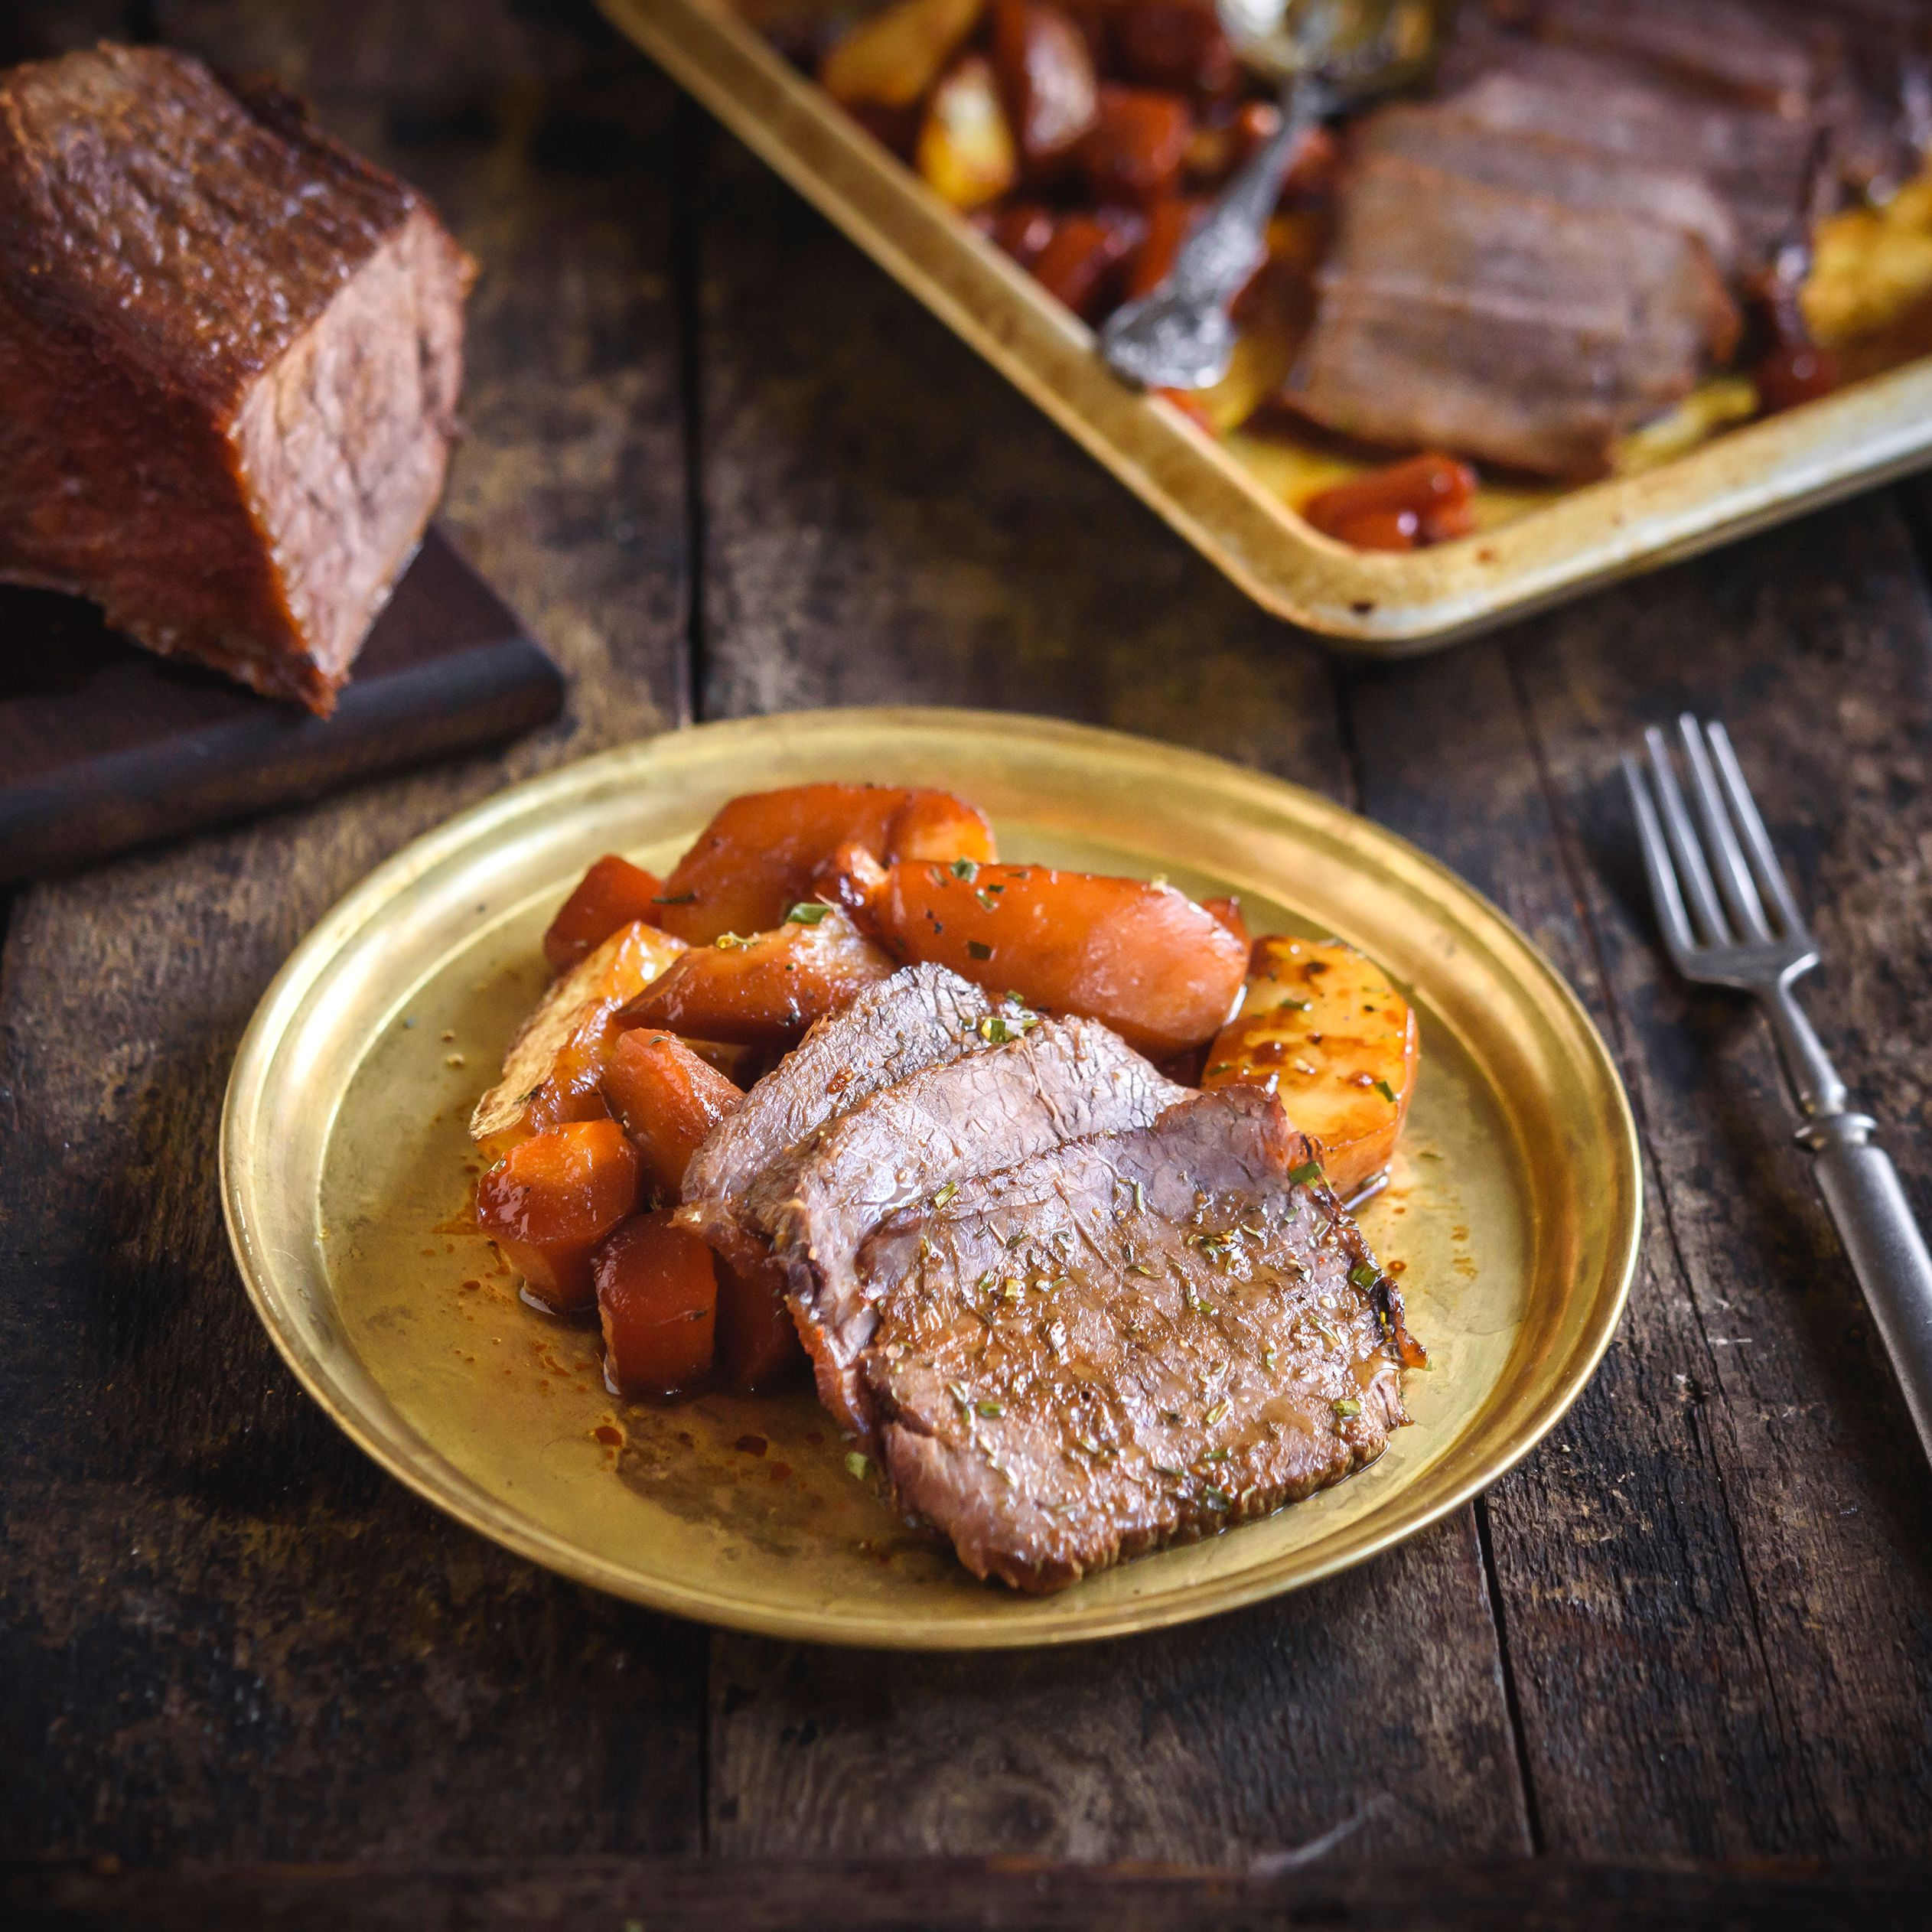 Slow Roasted Spoon Roast Top Sirloin Recipe